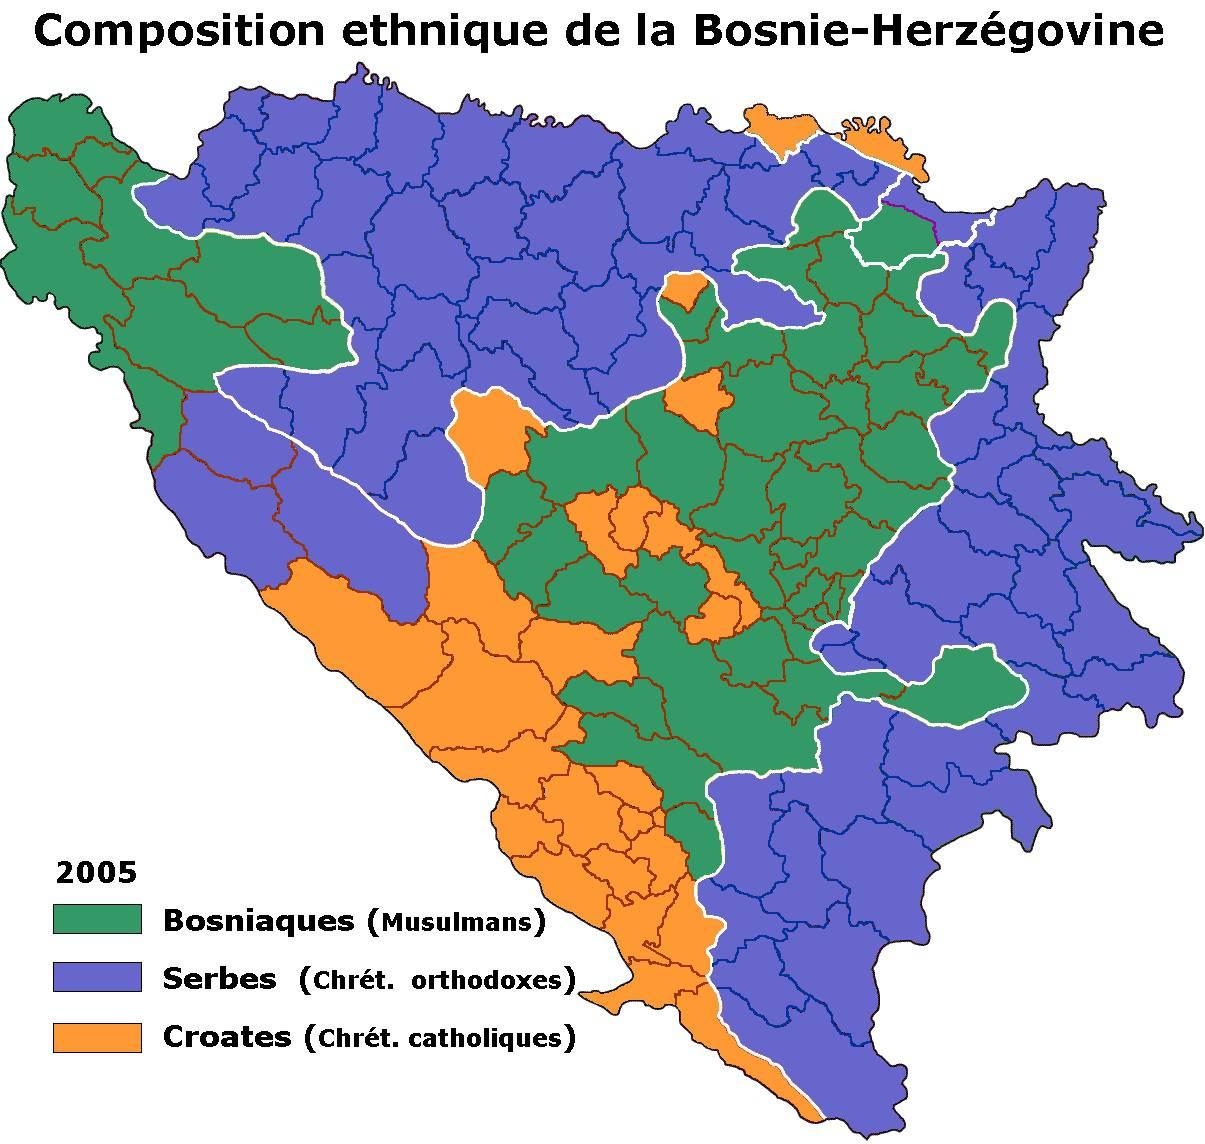 Carte des religions et ethnies de la Bosnie-Herzégovine